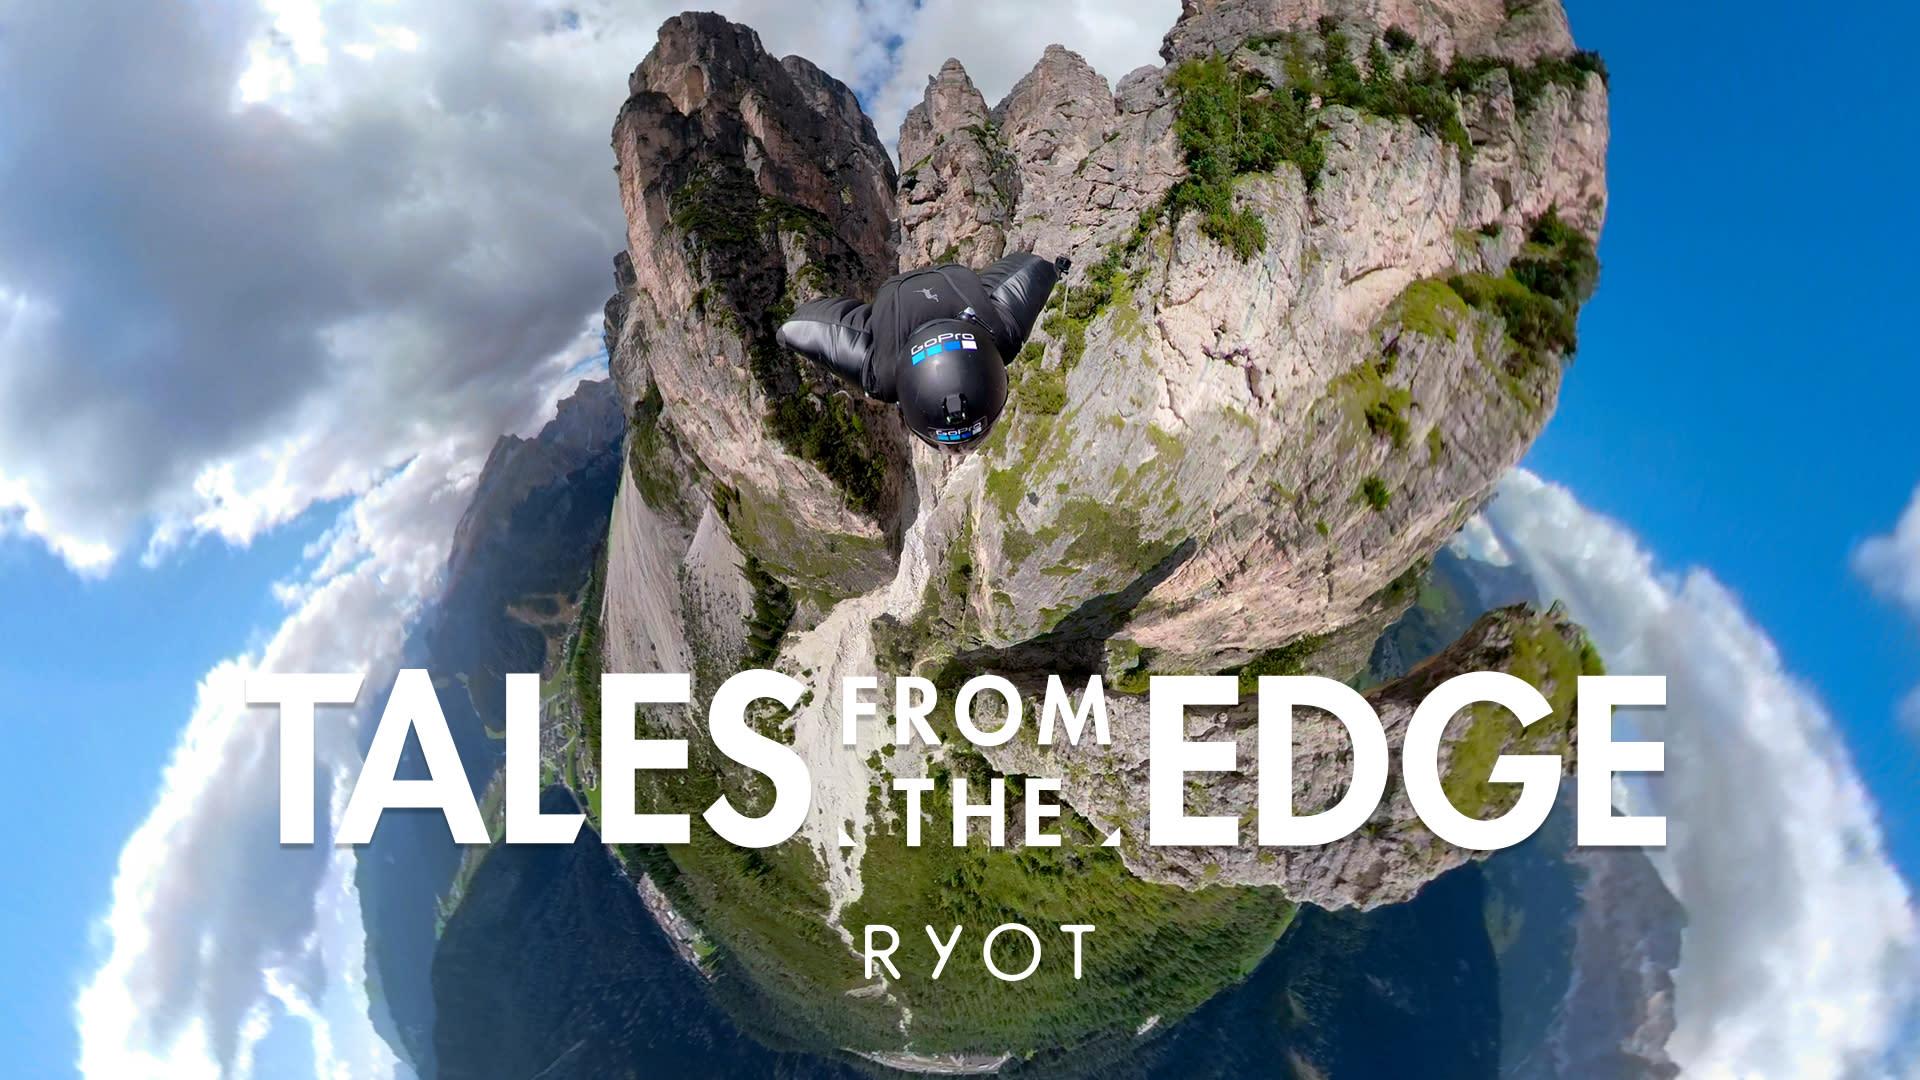 超極限運動:低空跳傘員之傳奇【YahooTV 360】